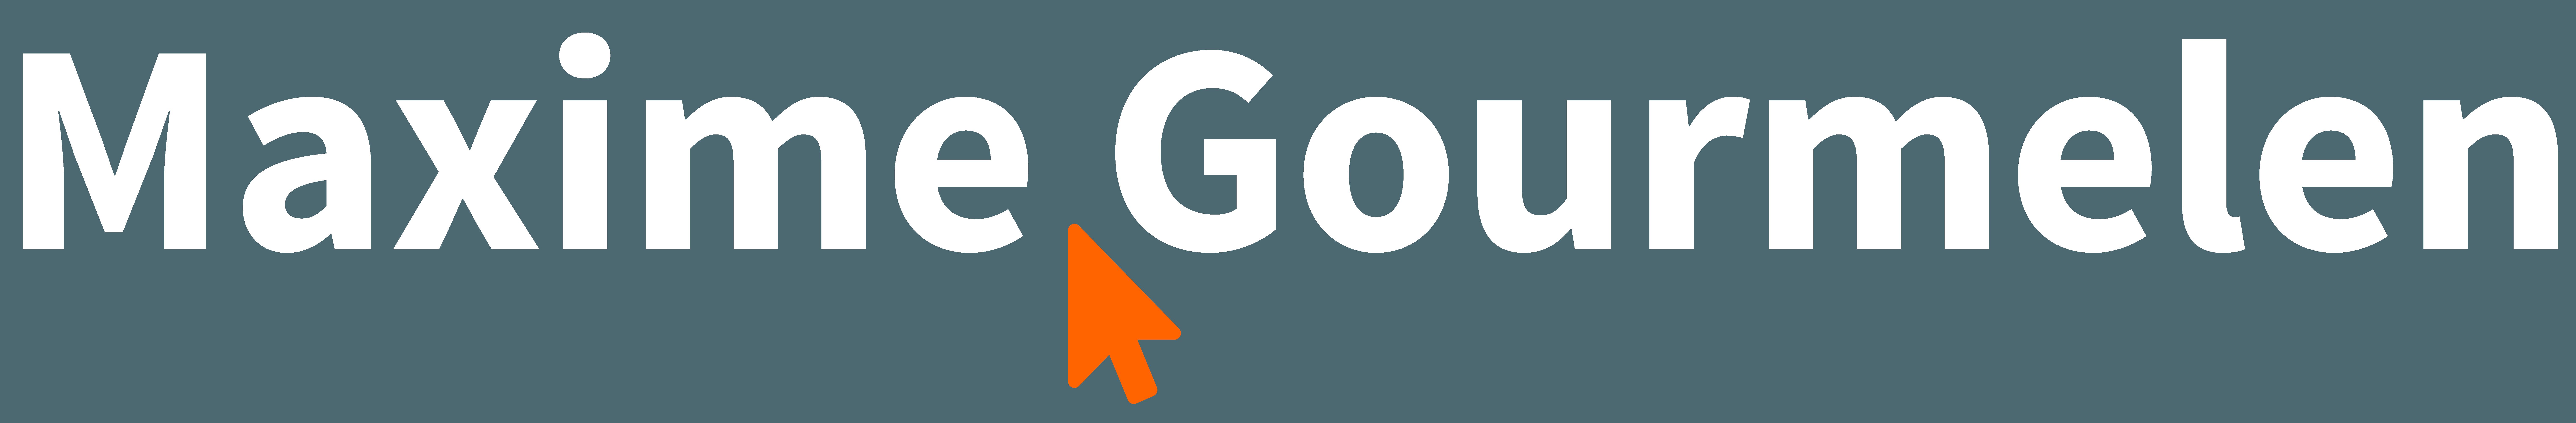 Maxime Gourmelen